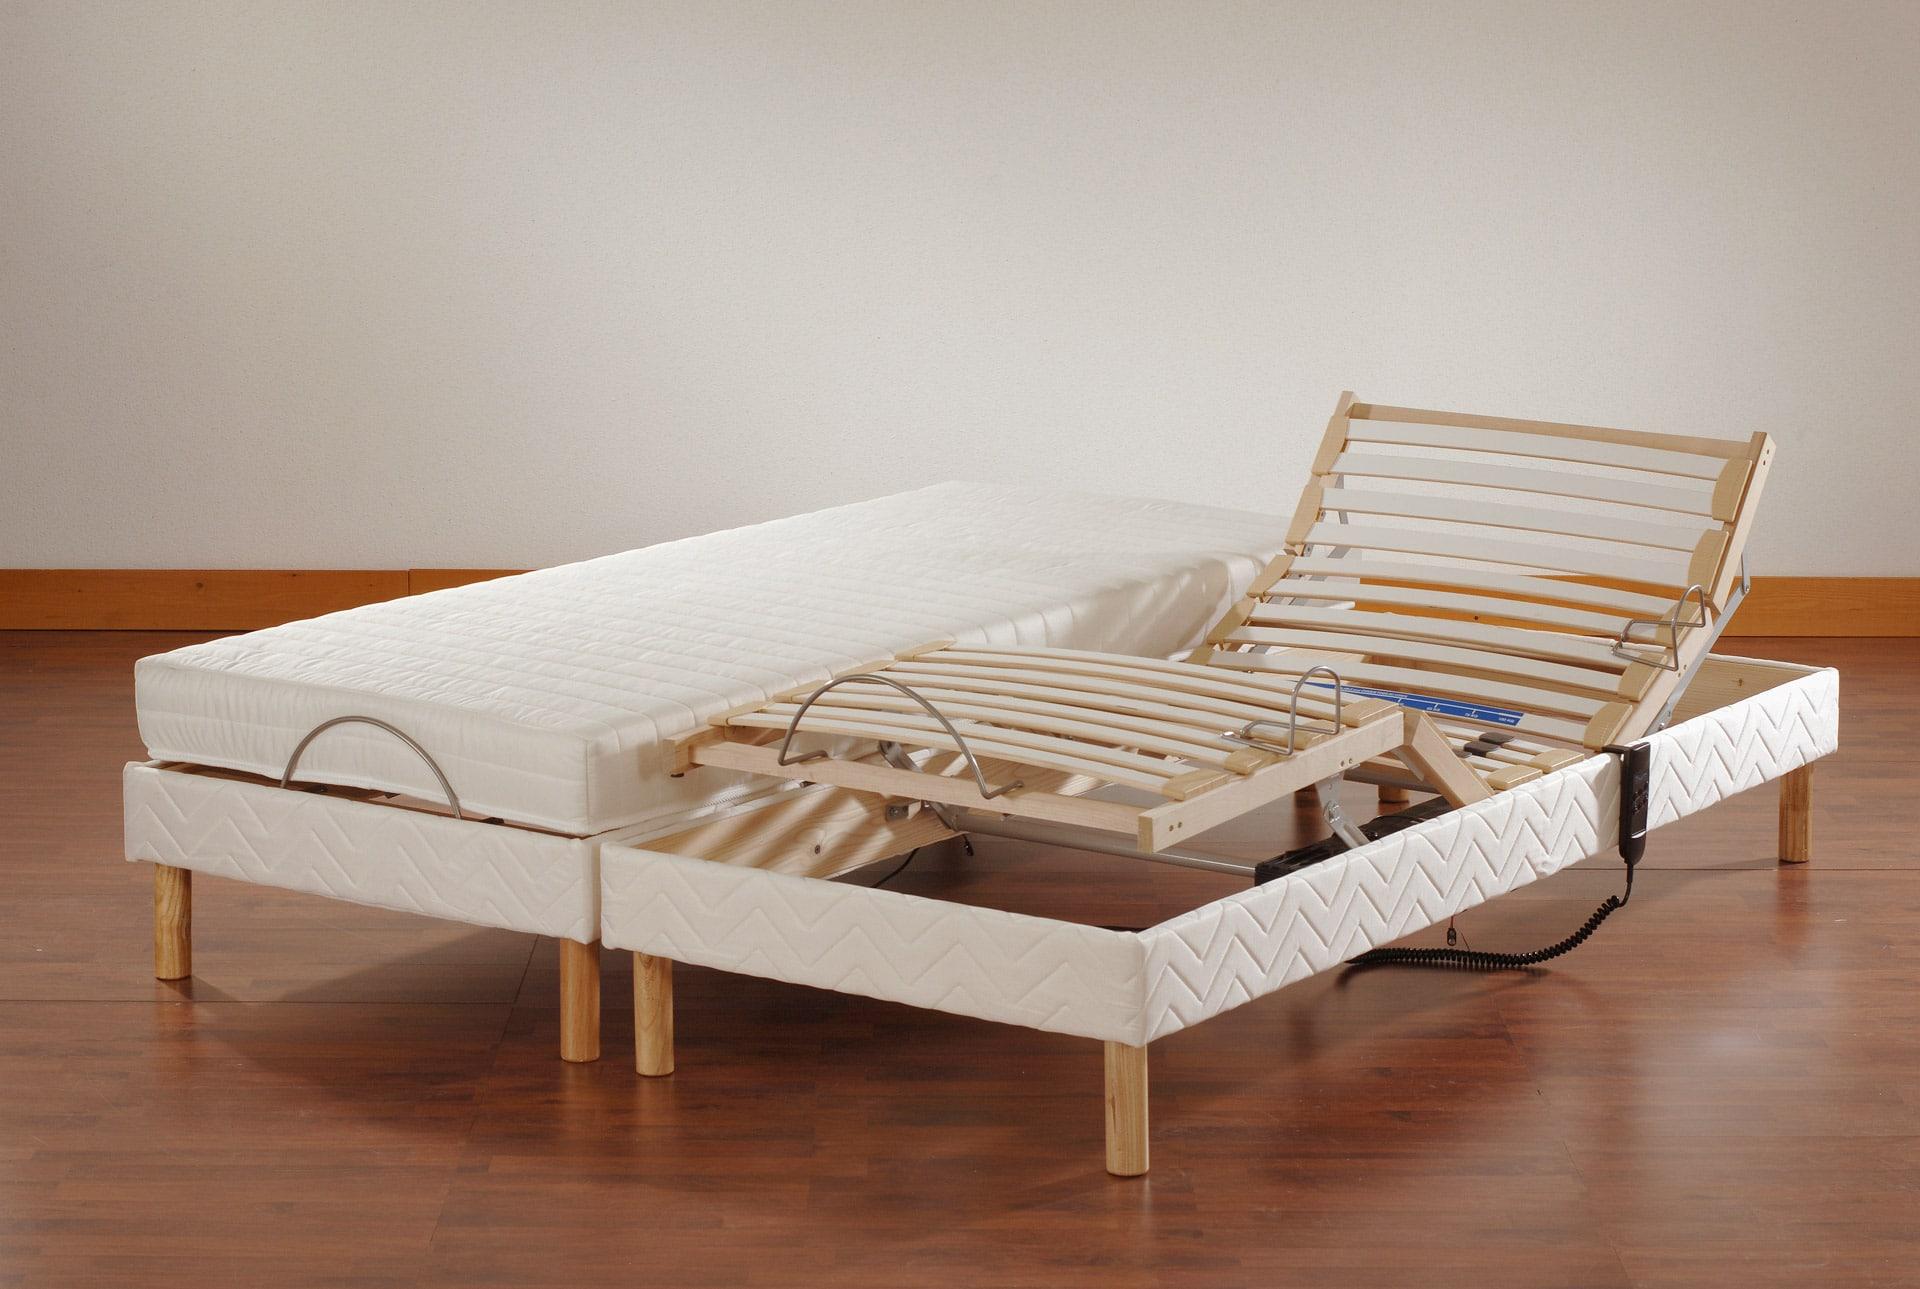 literie en soldes matelas et sommier prix r duits blog matelpro mobiliers pour. Black Bedroom Furniture Sets. Home Design Ideas